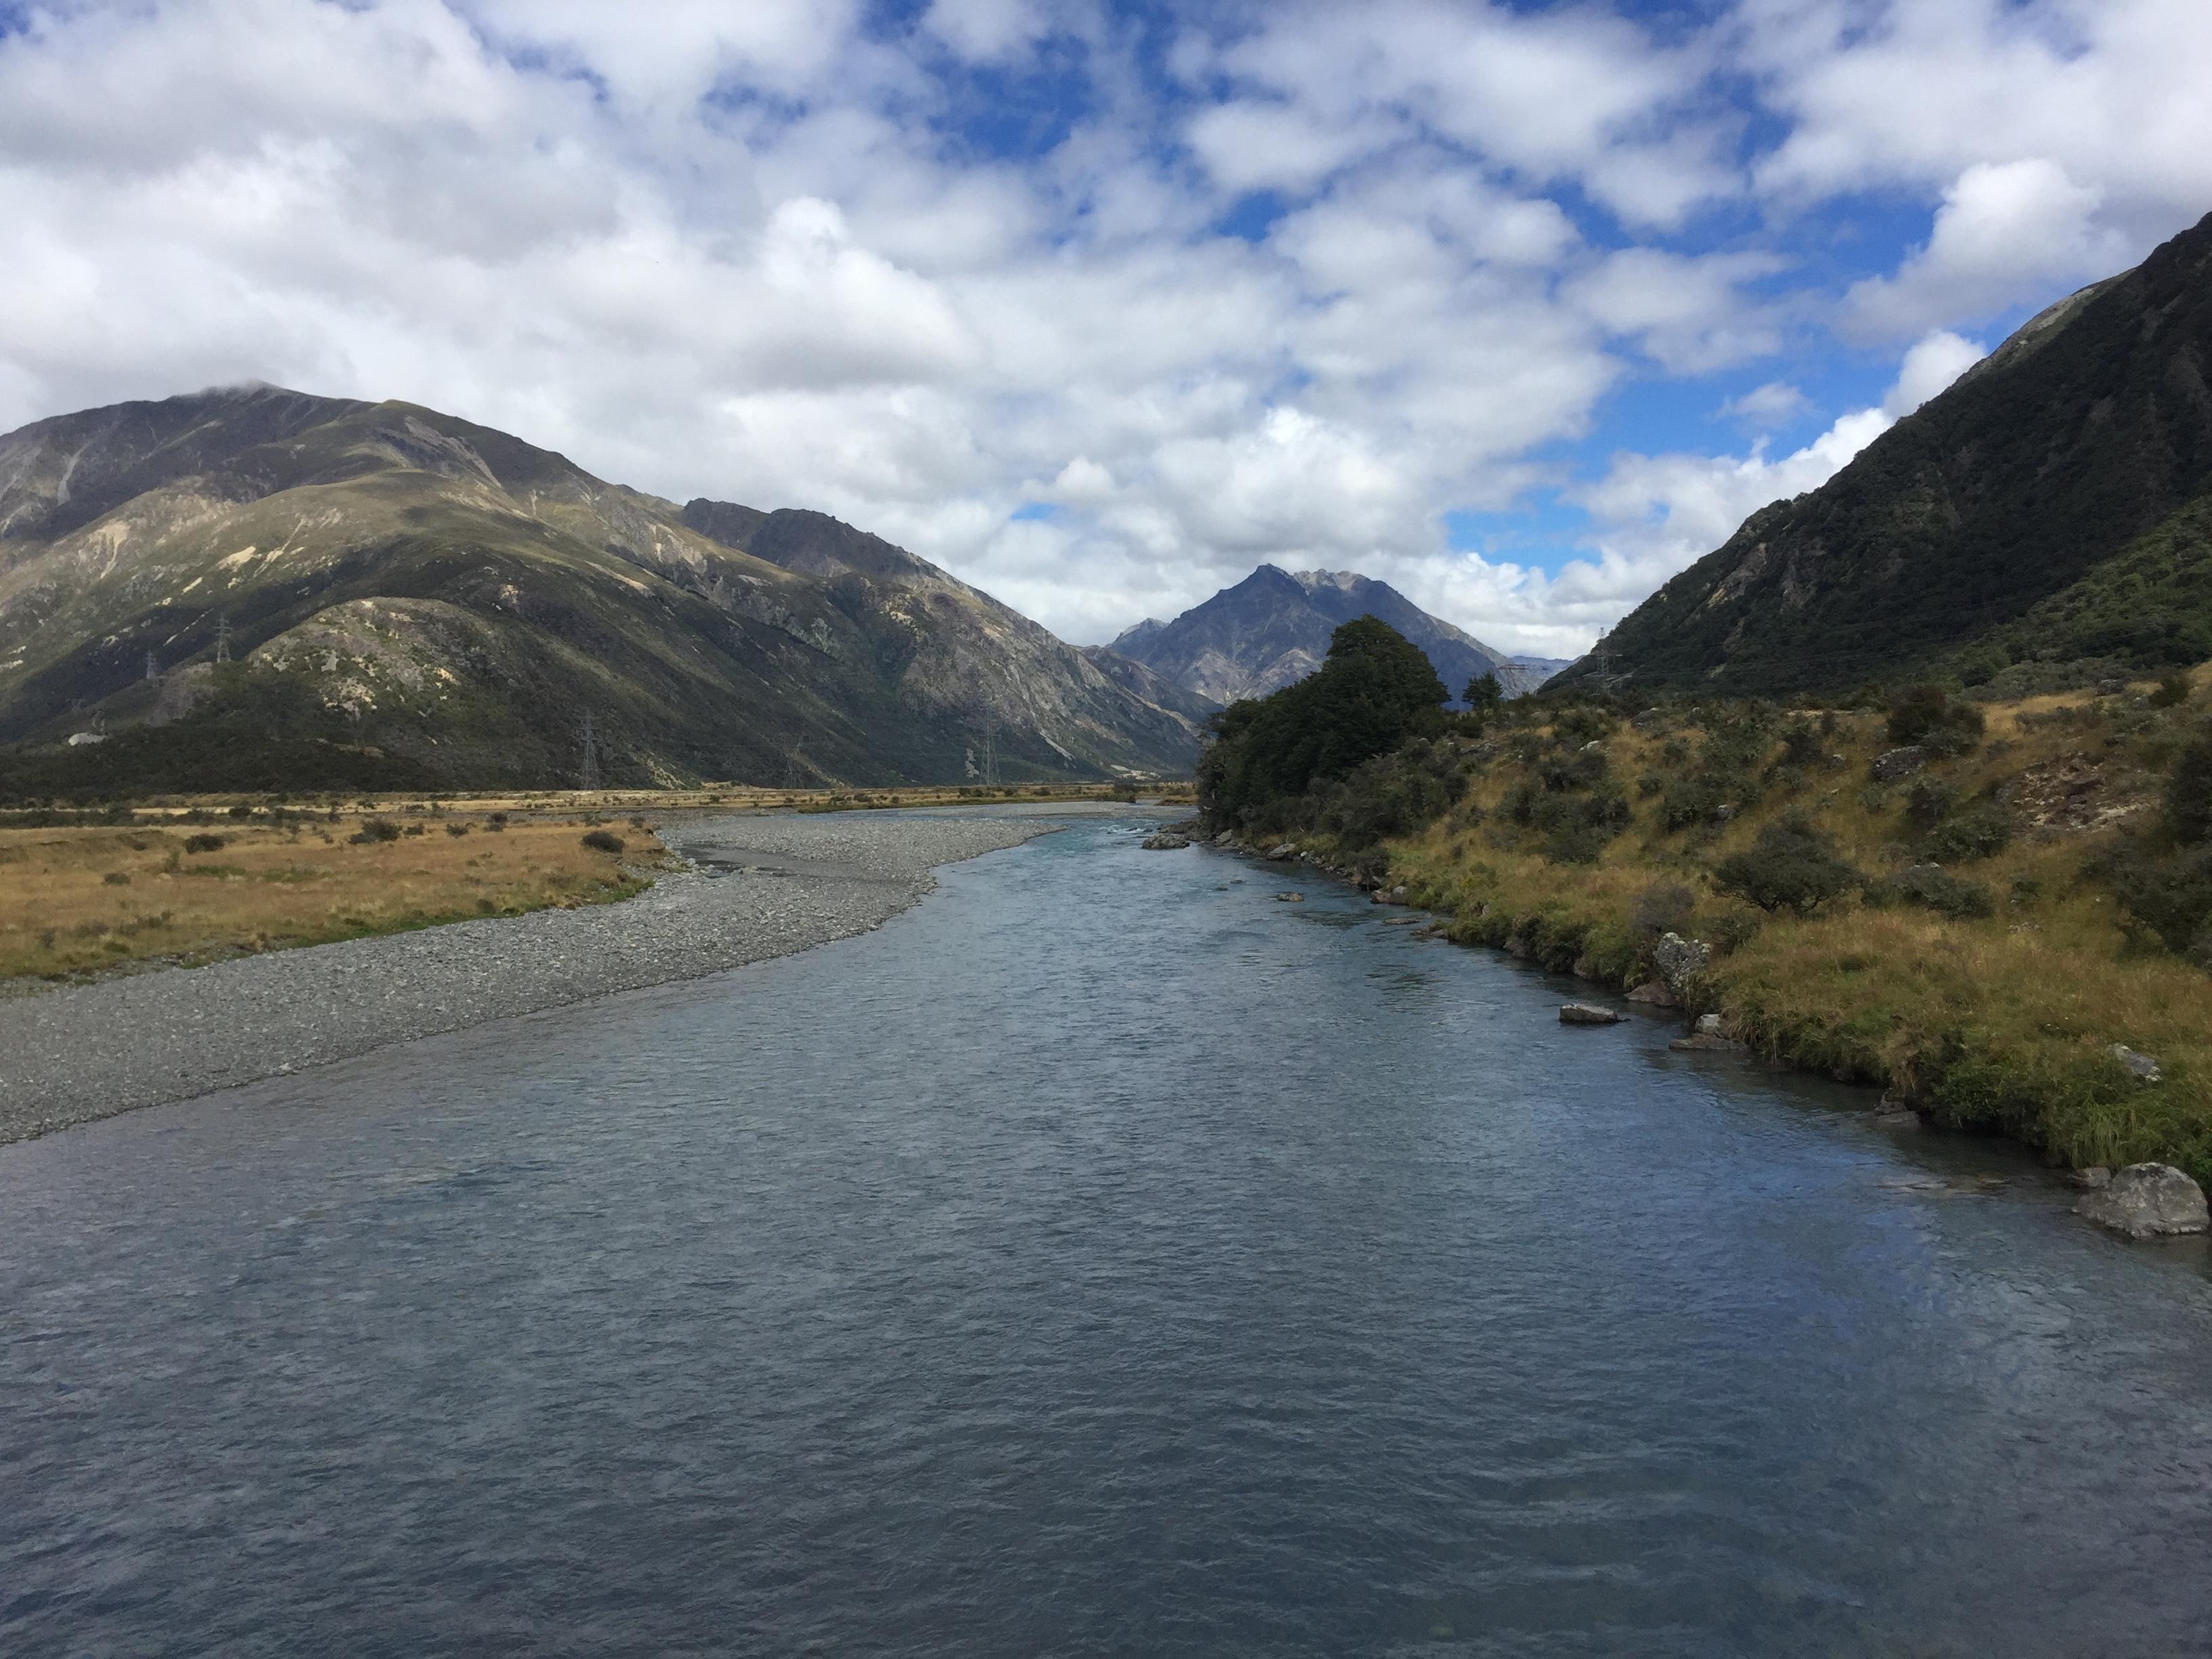 The Wairau River